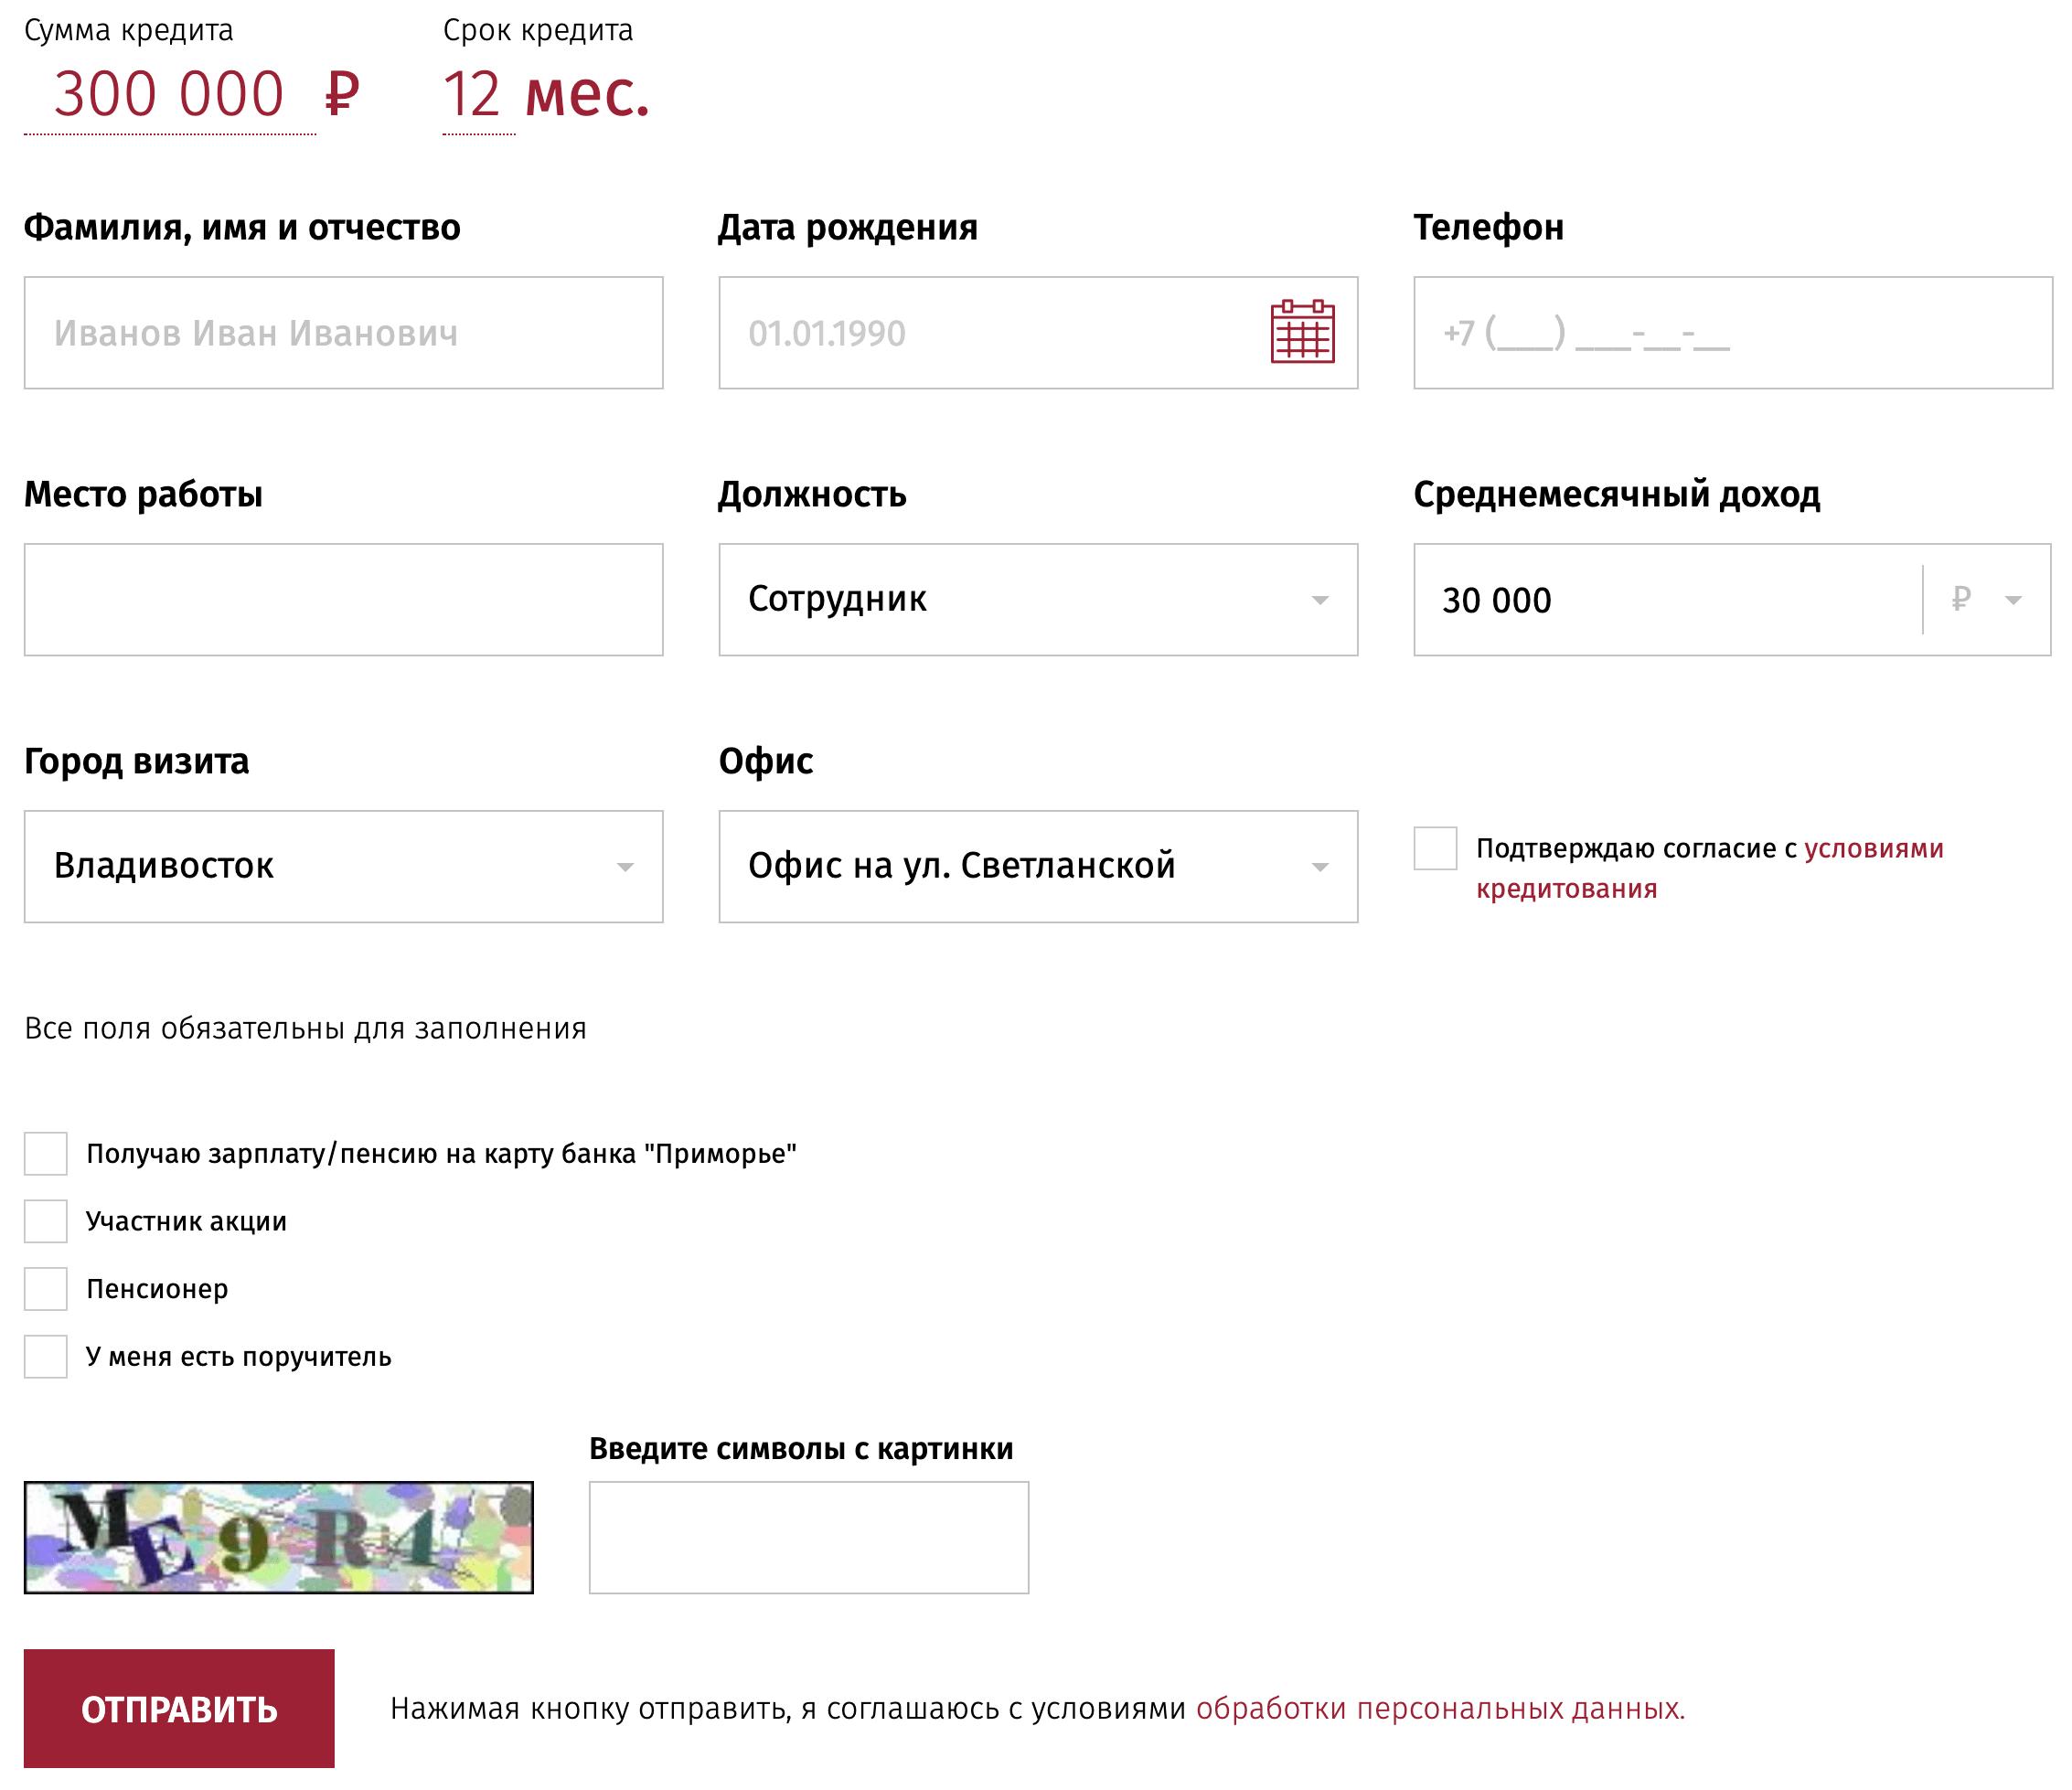 Кредит заявка онлайн владивосток в августе планируется взять кредит